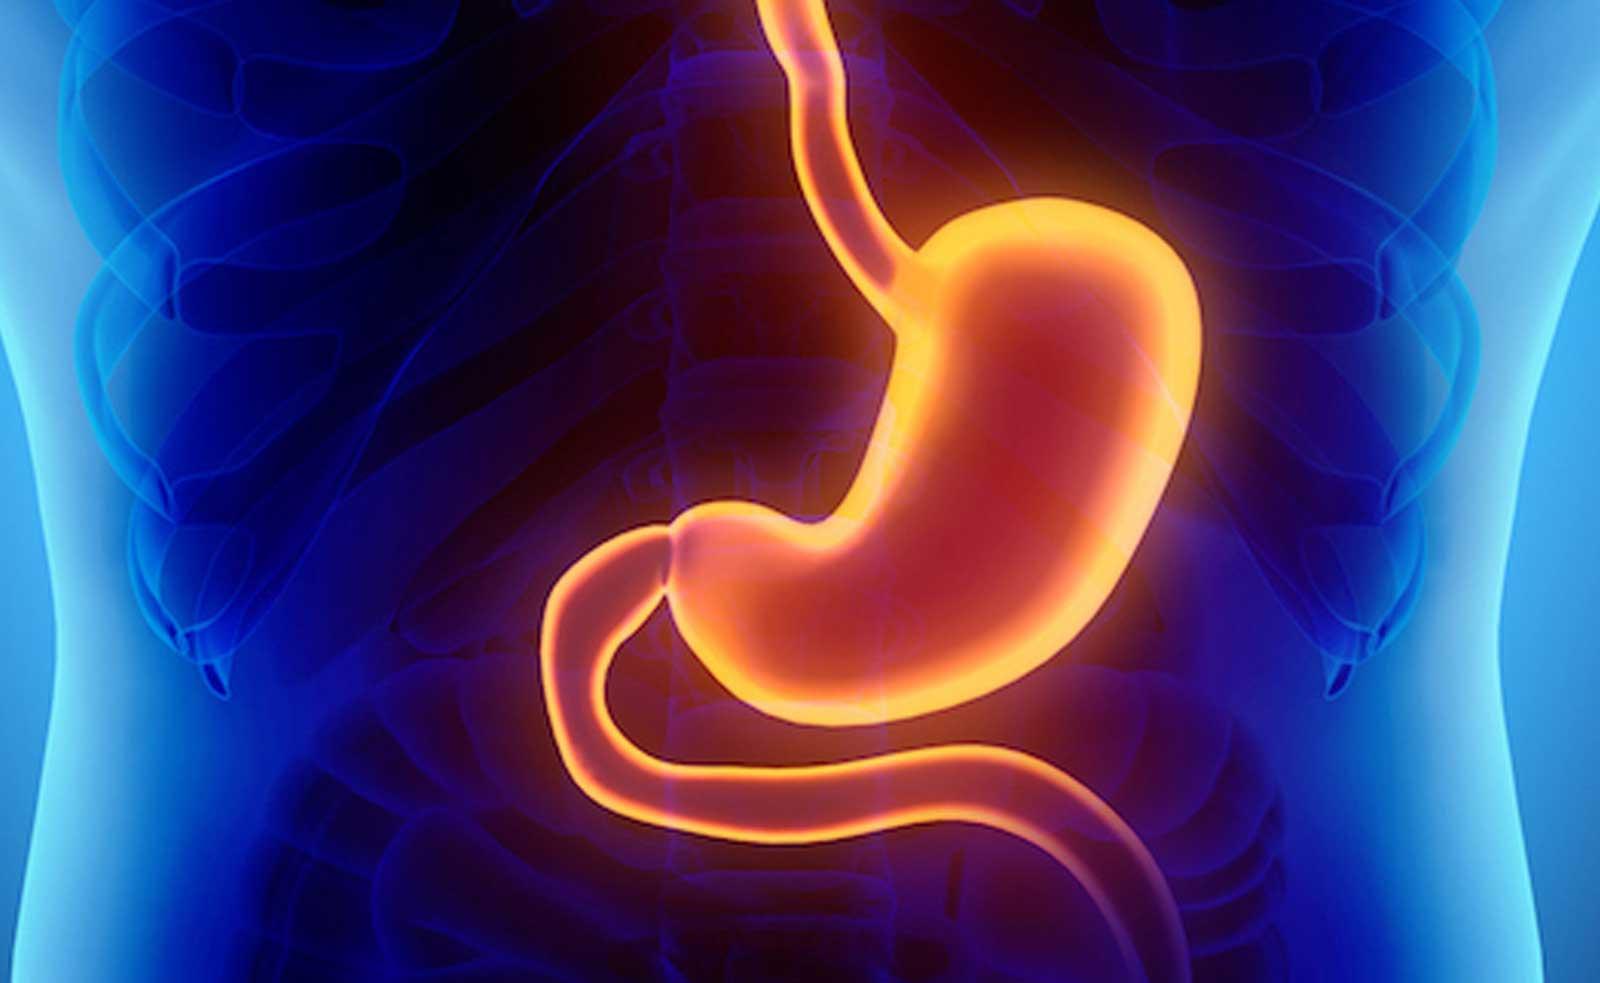 Cuántos tipos de gastritis existen - Cuál es la más peligrosa - Cómo aliviar la gastritis